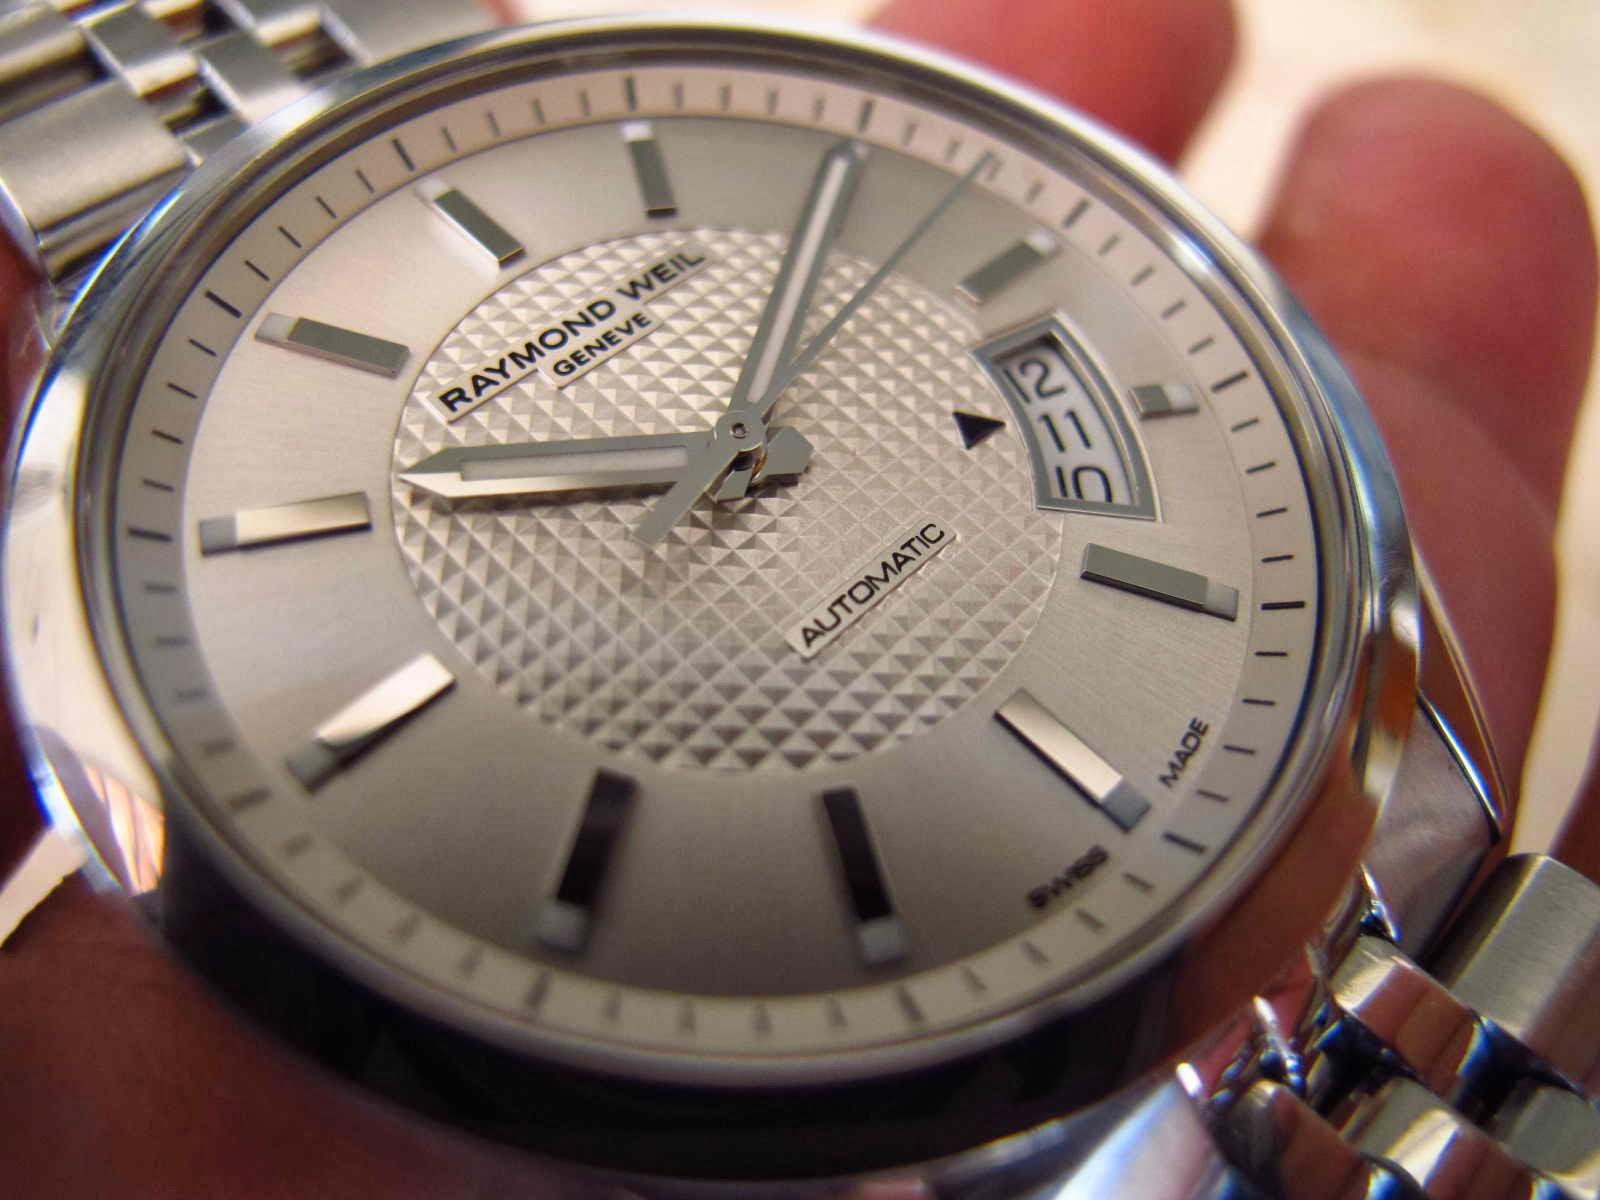 Rantai panjang sekali Kaca Sapphire Crystal Cocok untuk Anda yang sedang mencari jam tangan dengan dial cerah putih automatic Swiss made